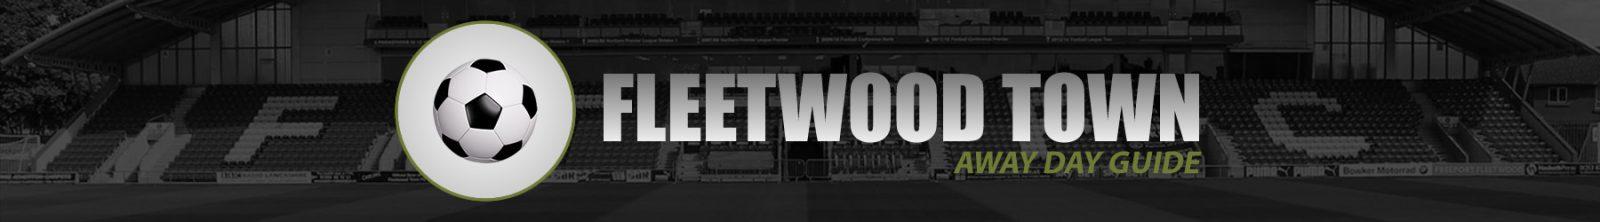 Fleetwood Town Away